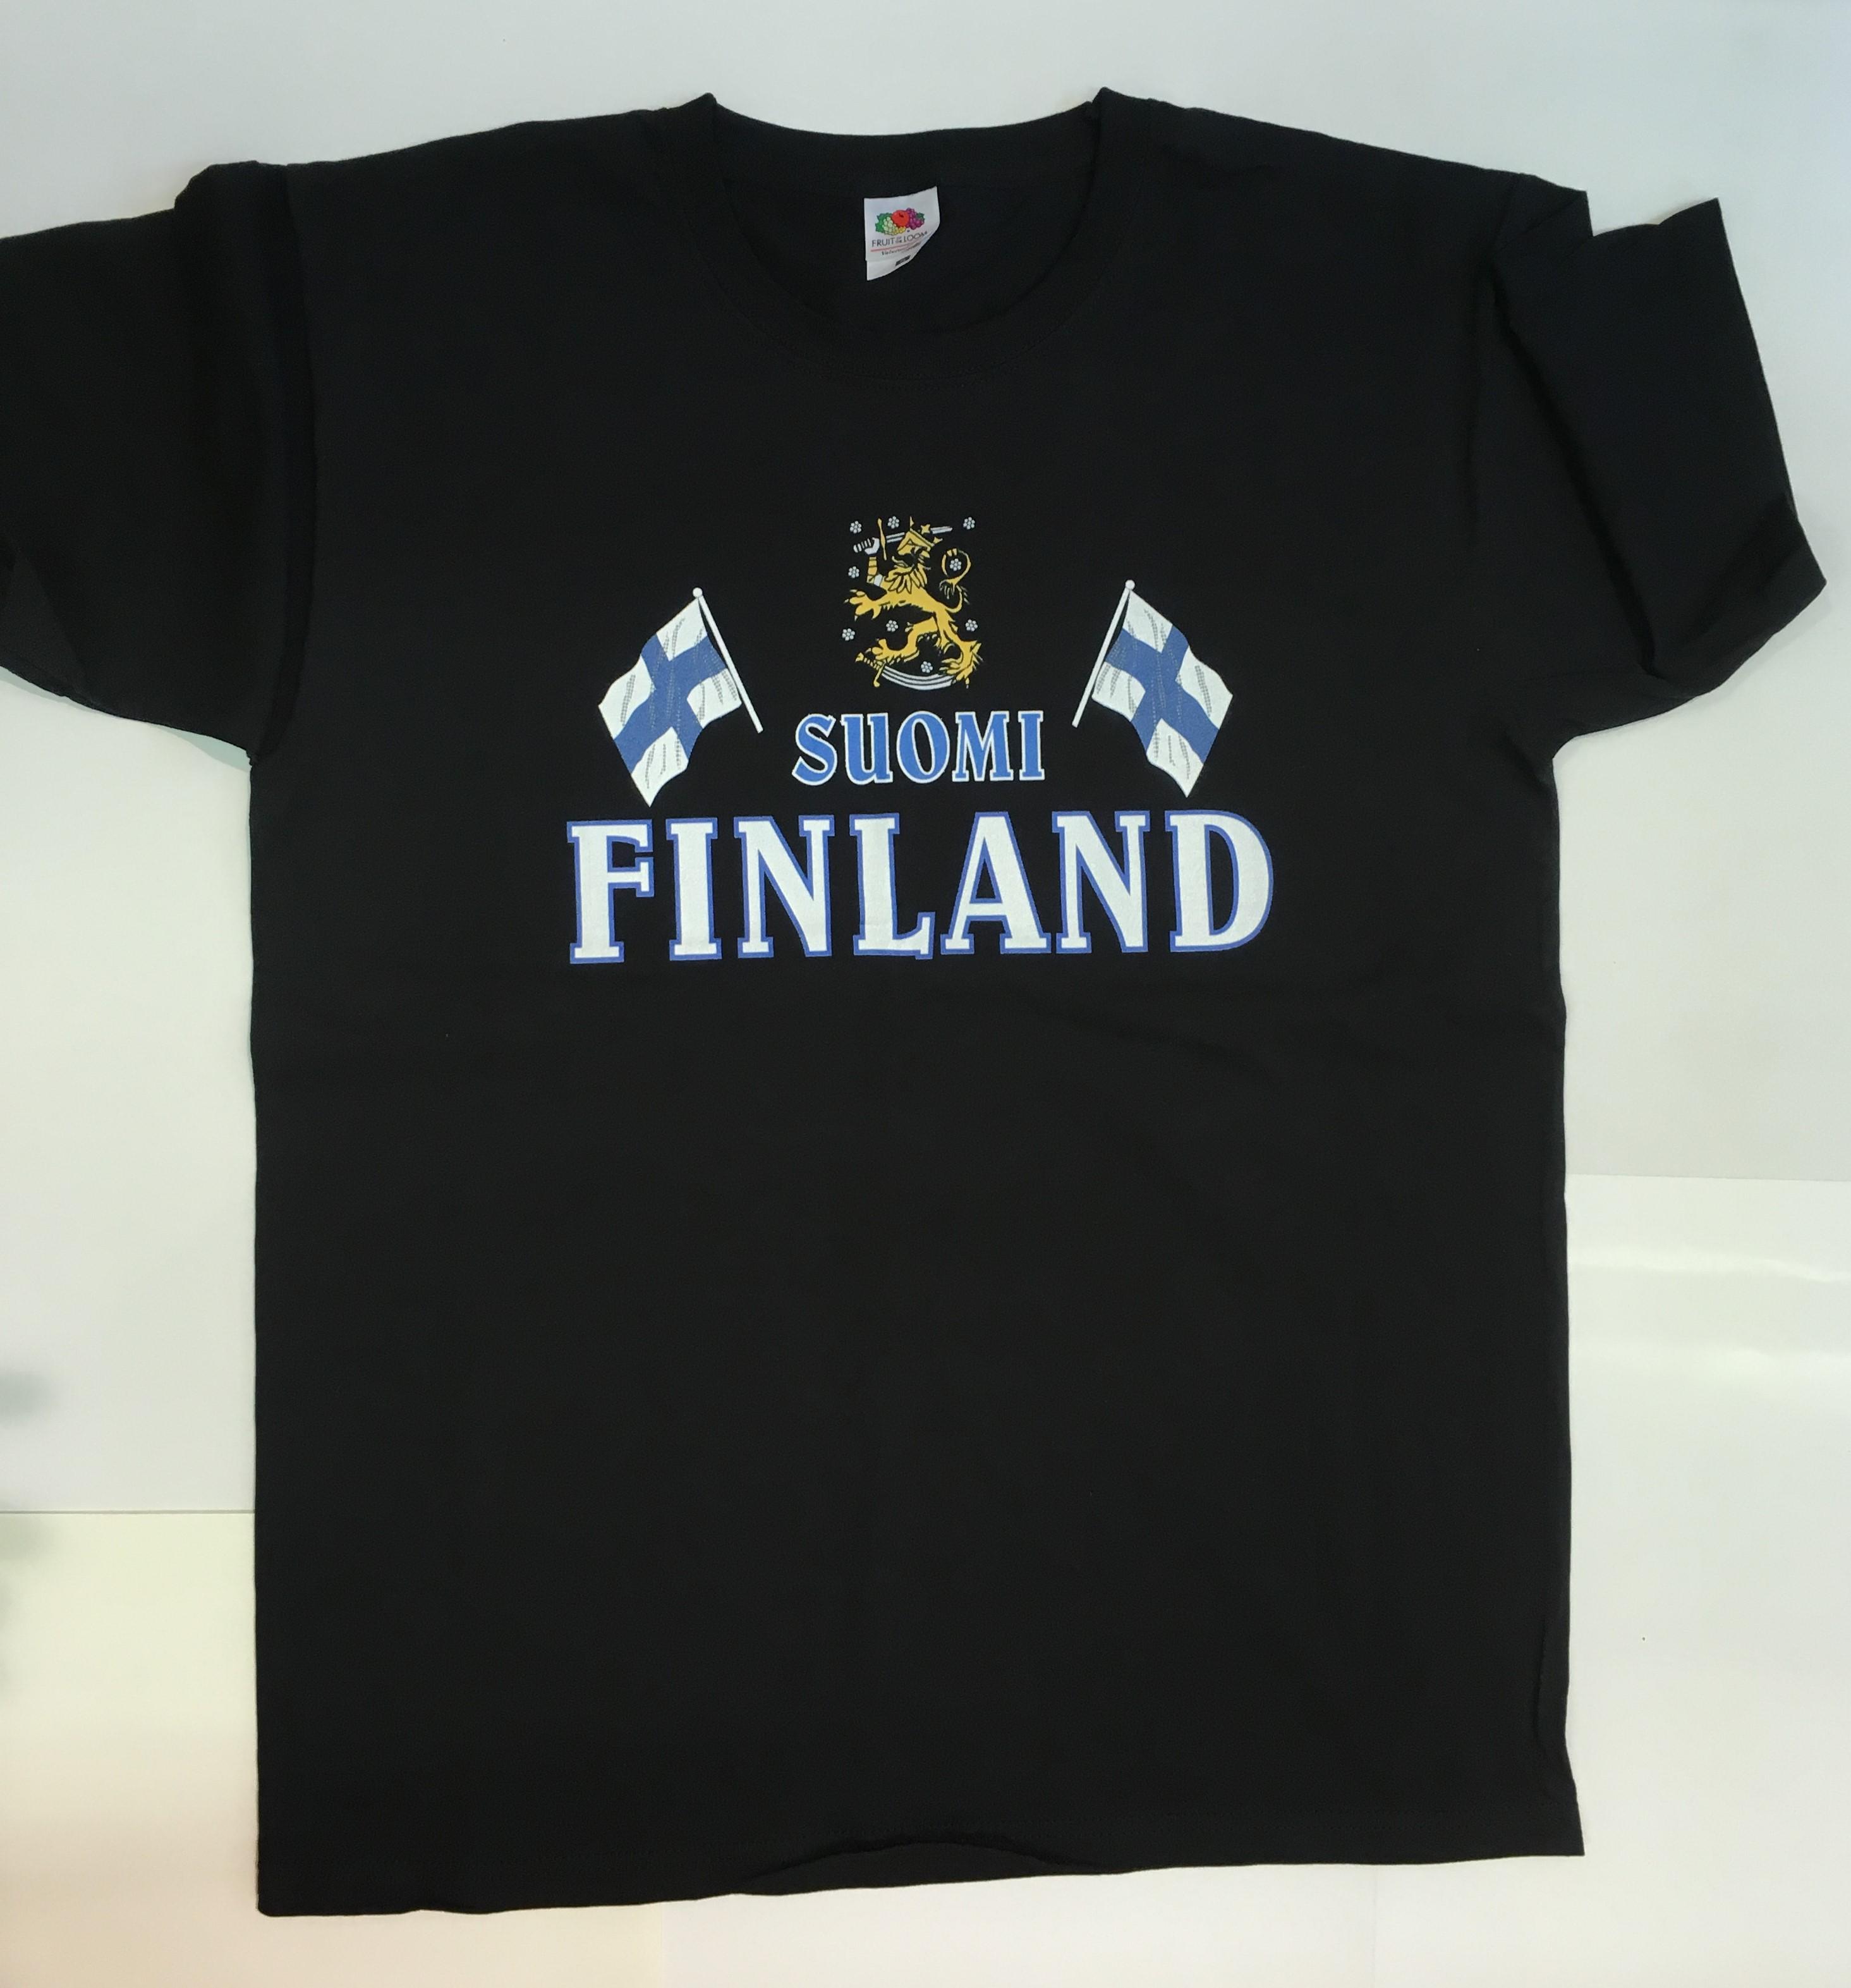 Футболка черная Suomi Finland